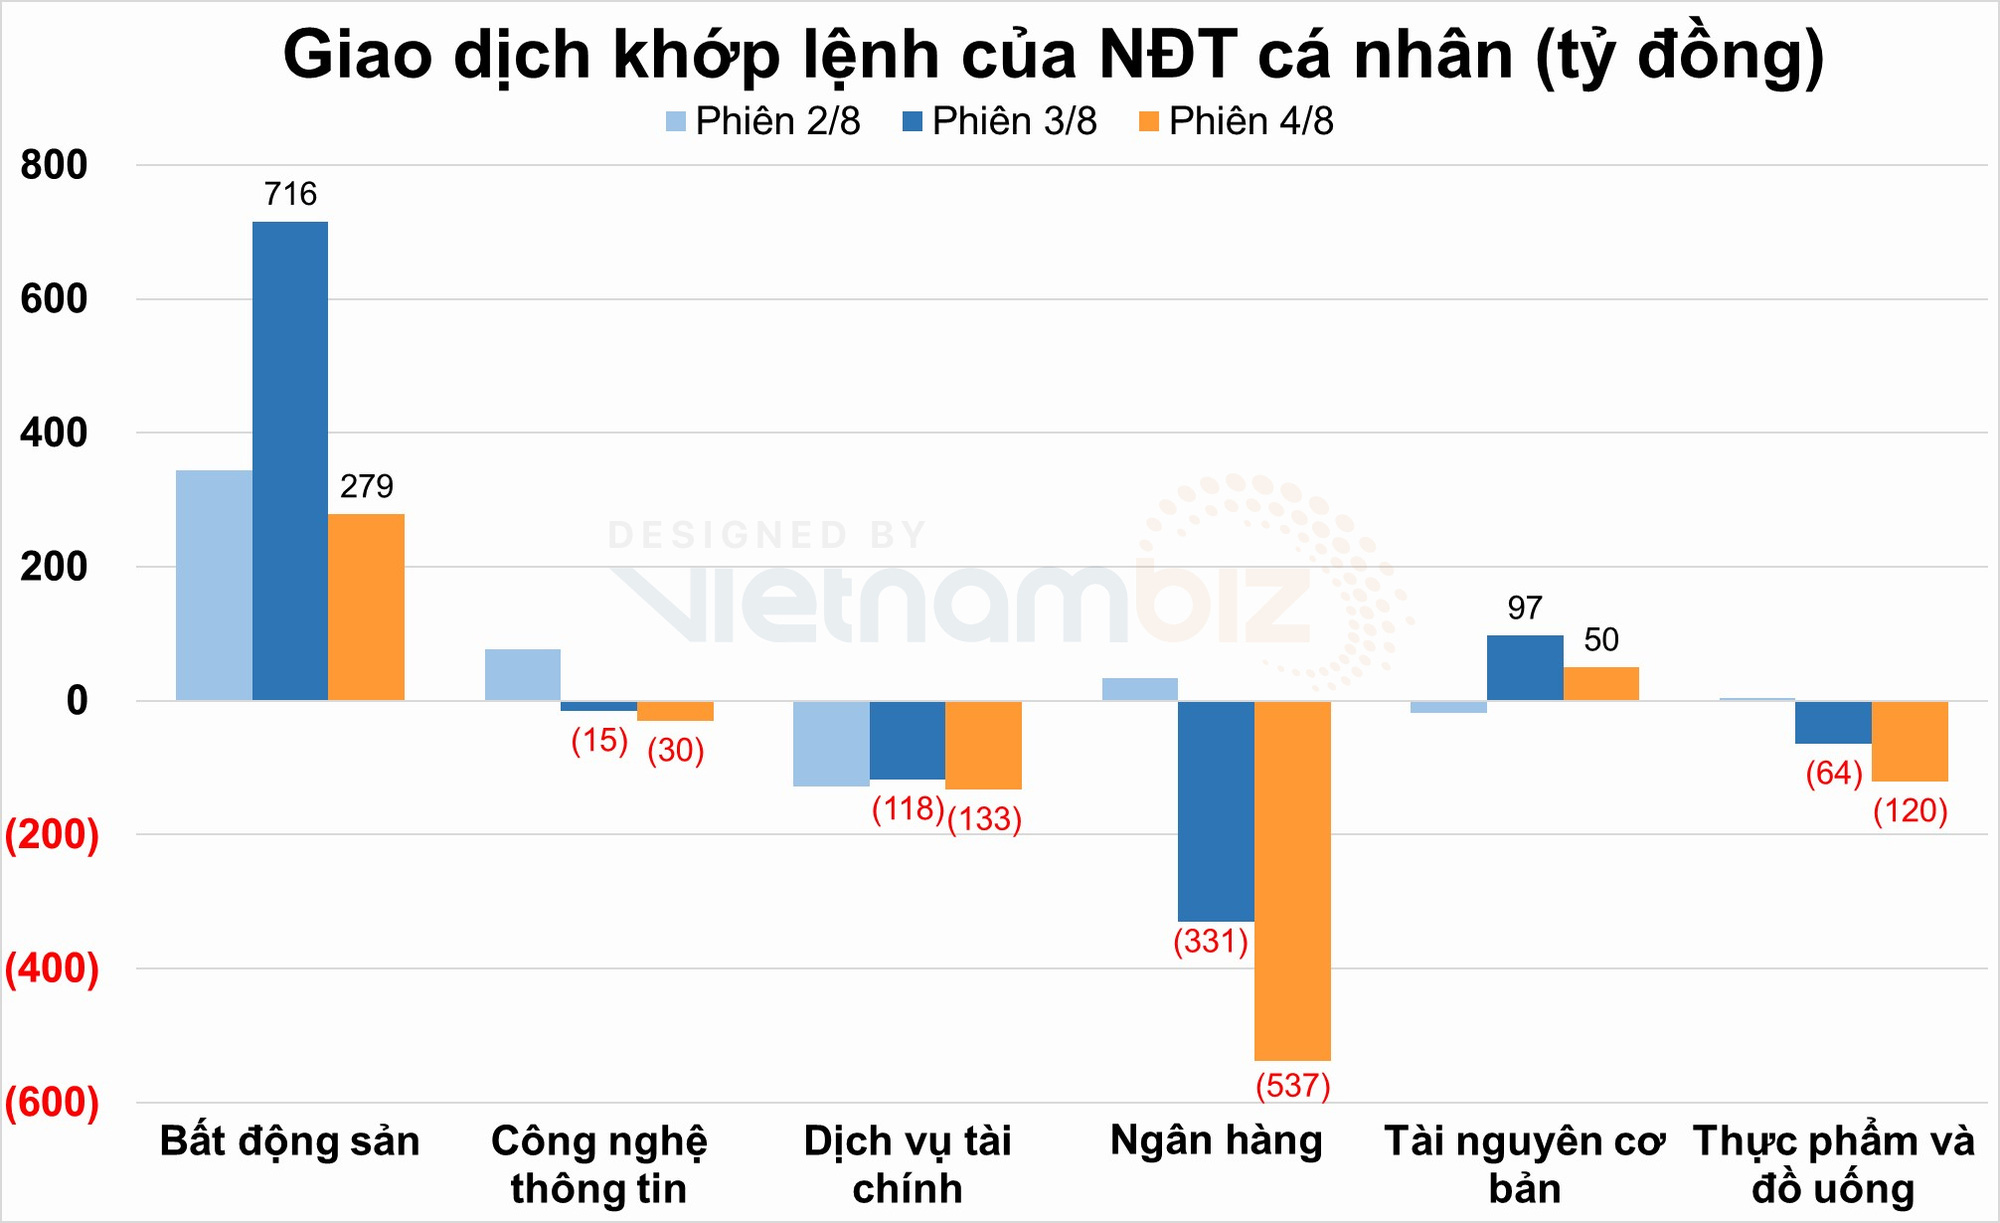 NĐT cá nhân đảo chiều bán ròng trong phiên tăng điểm thứ 8 của VN-Index - Ảnh 2.